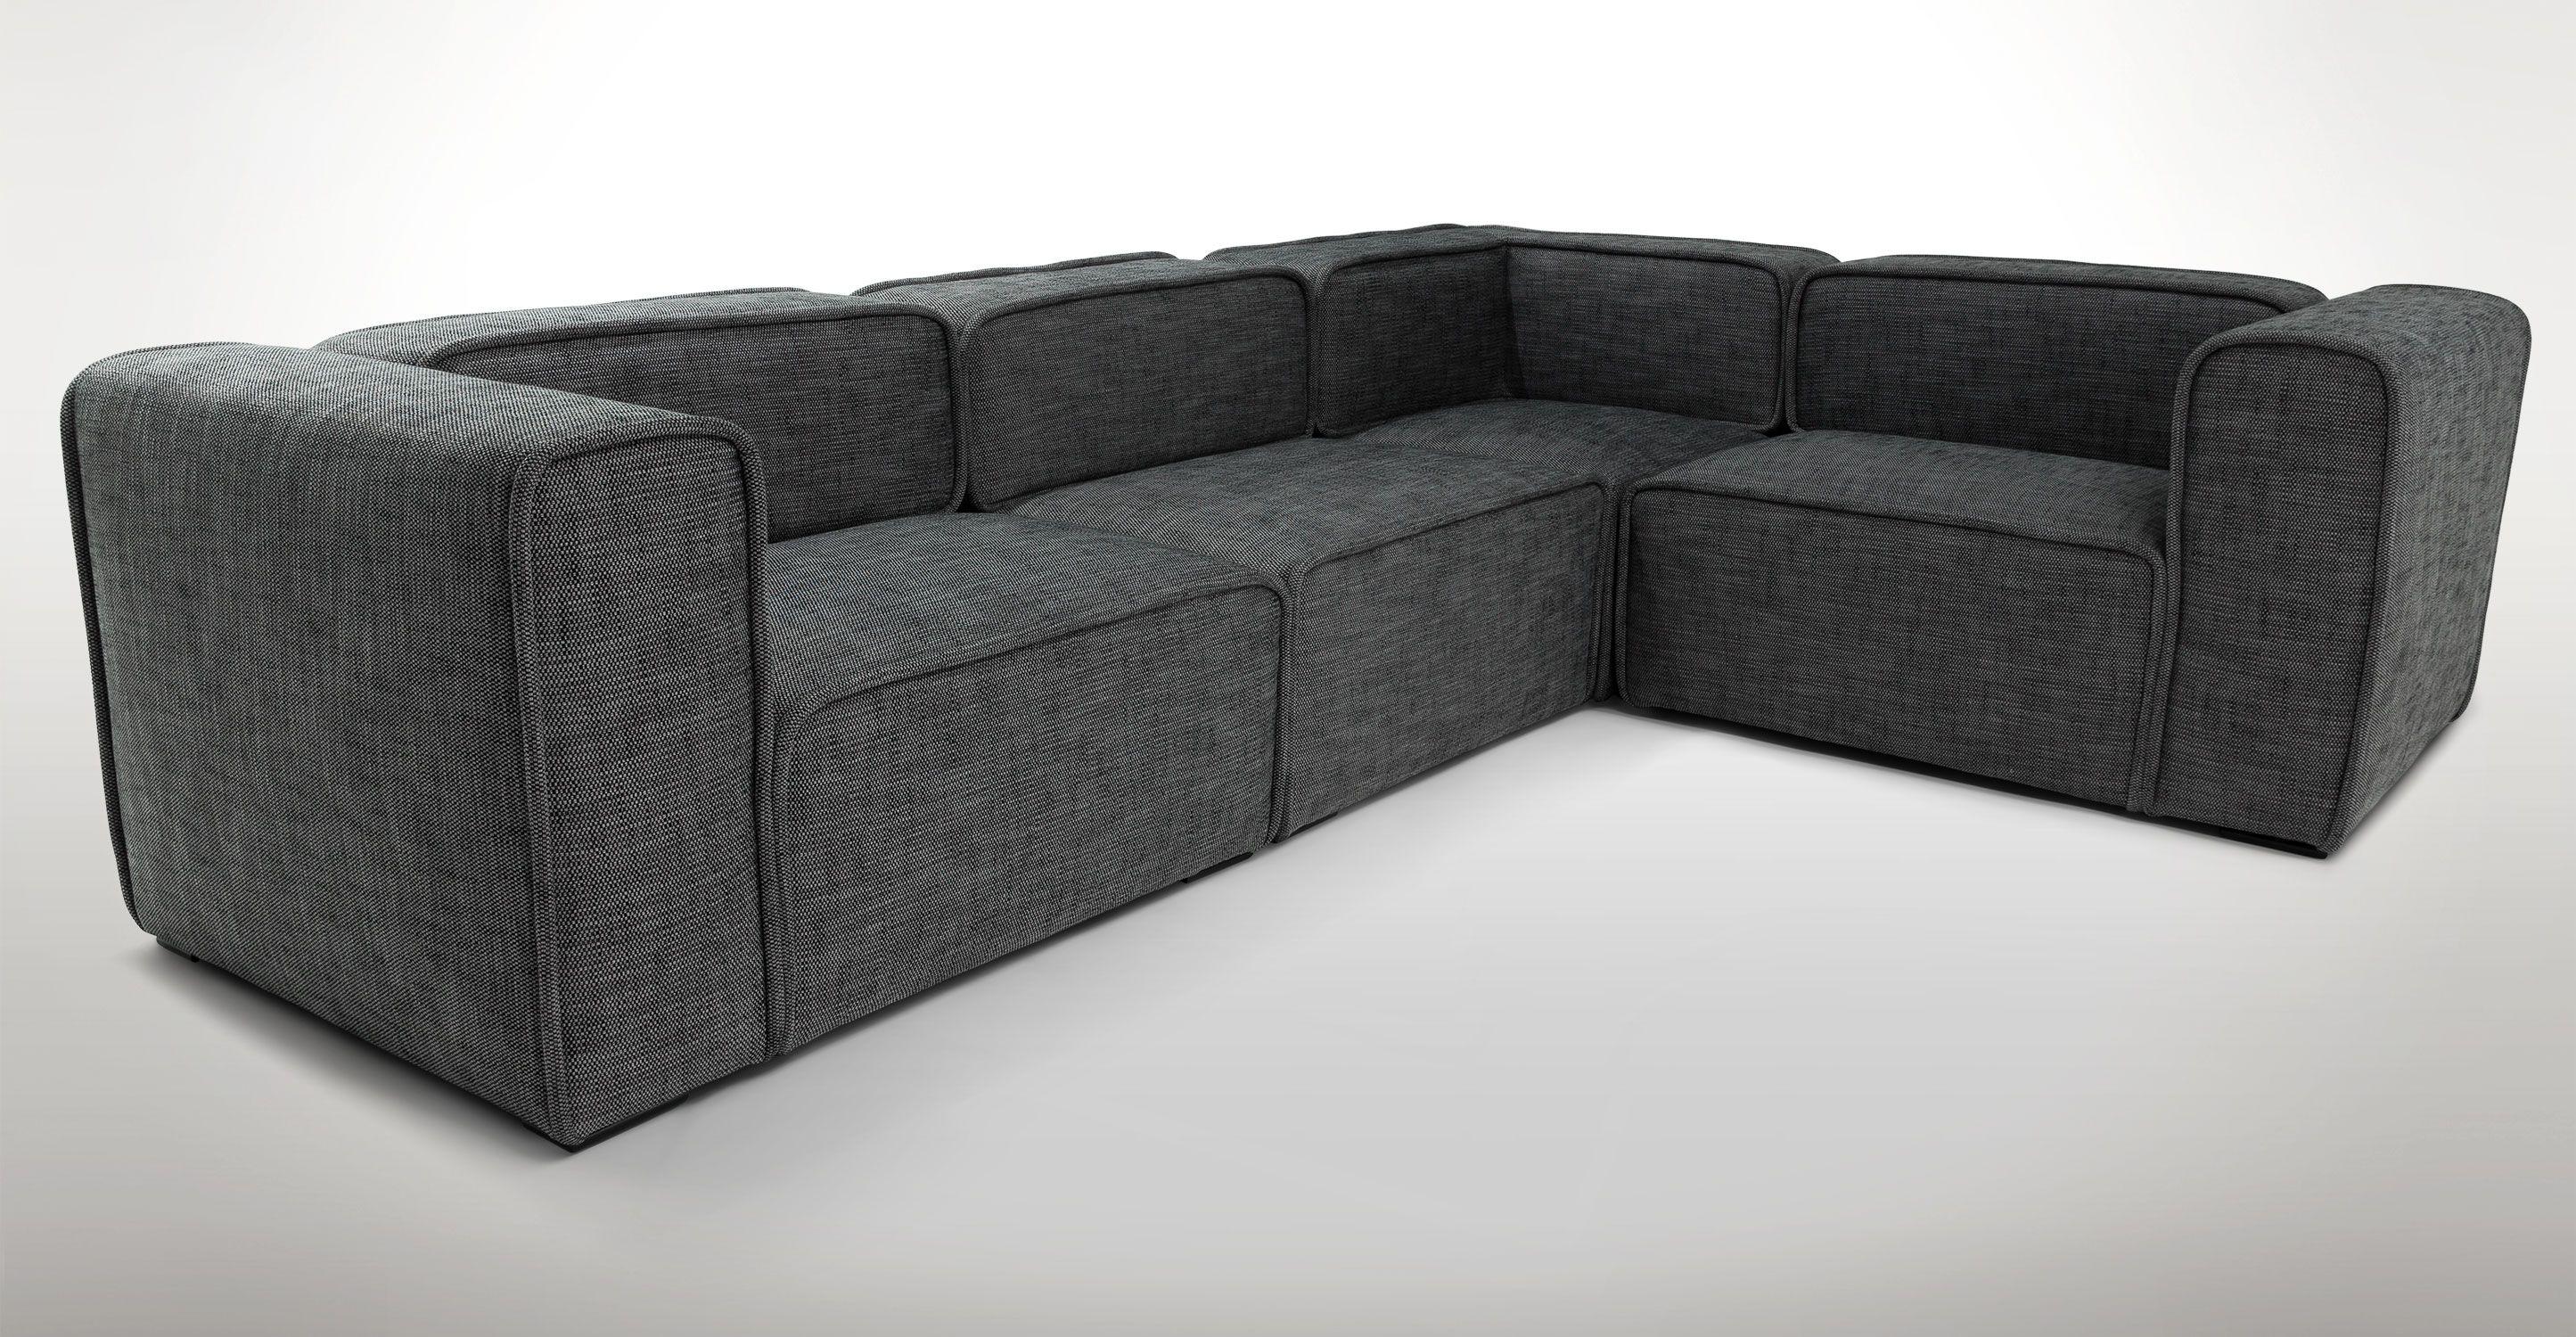 Gray Modular Sectional Sofal Upholstered